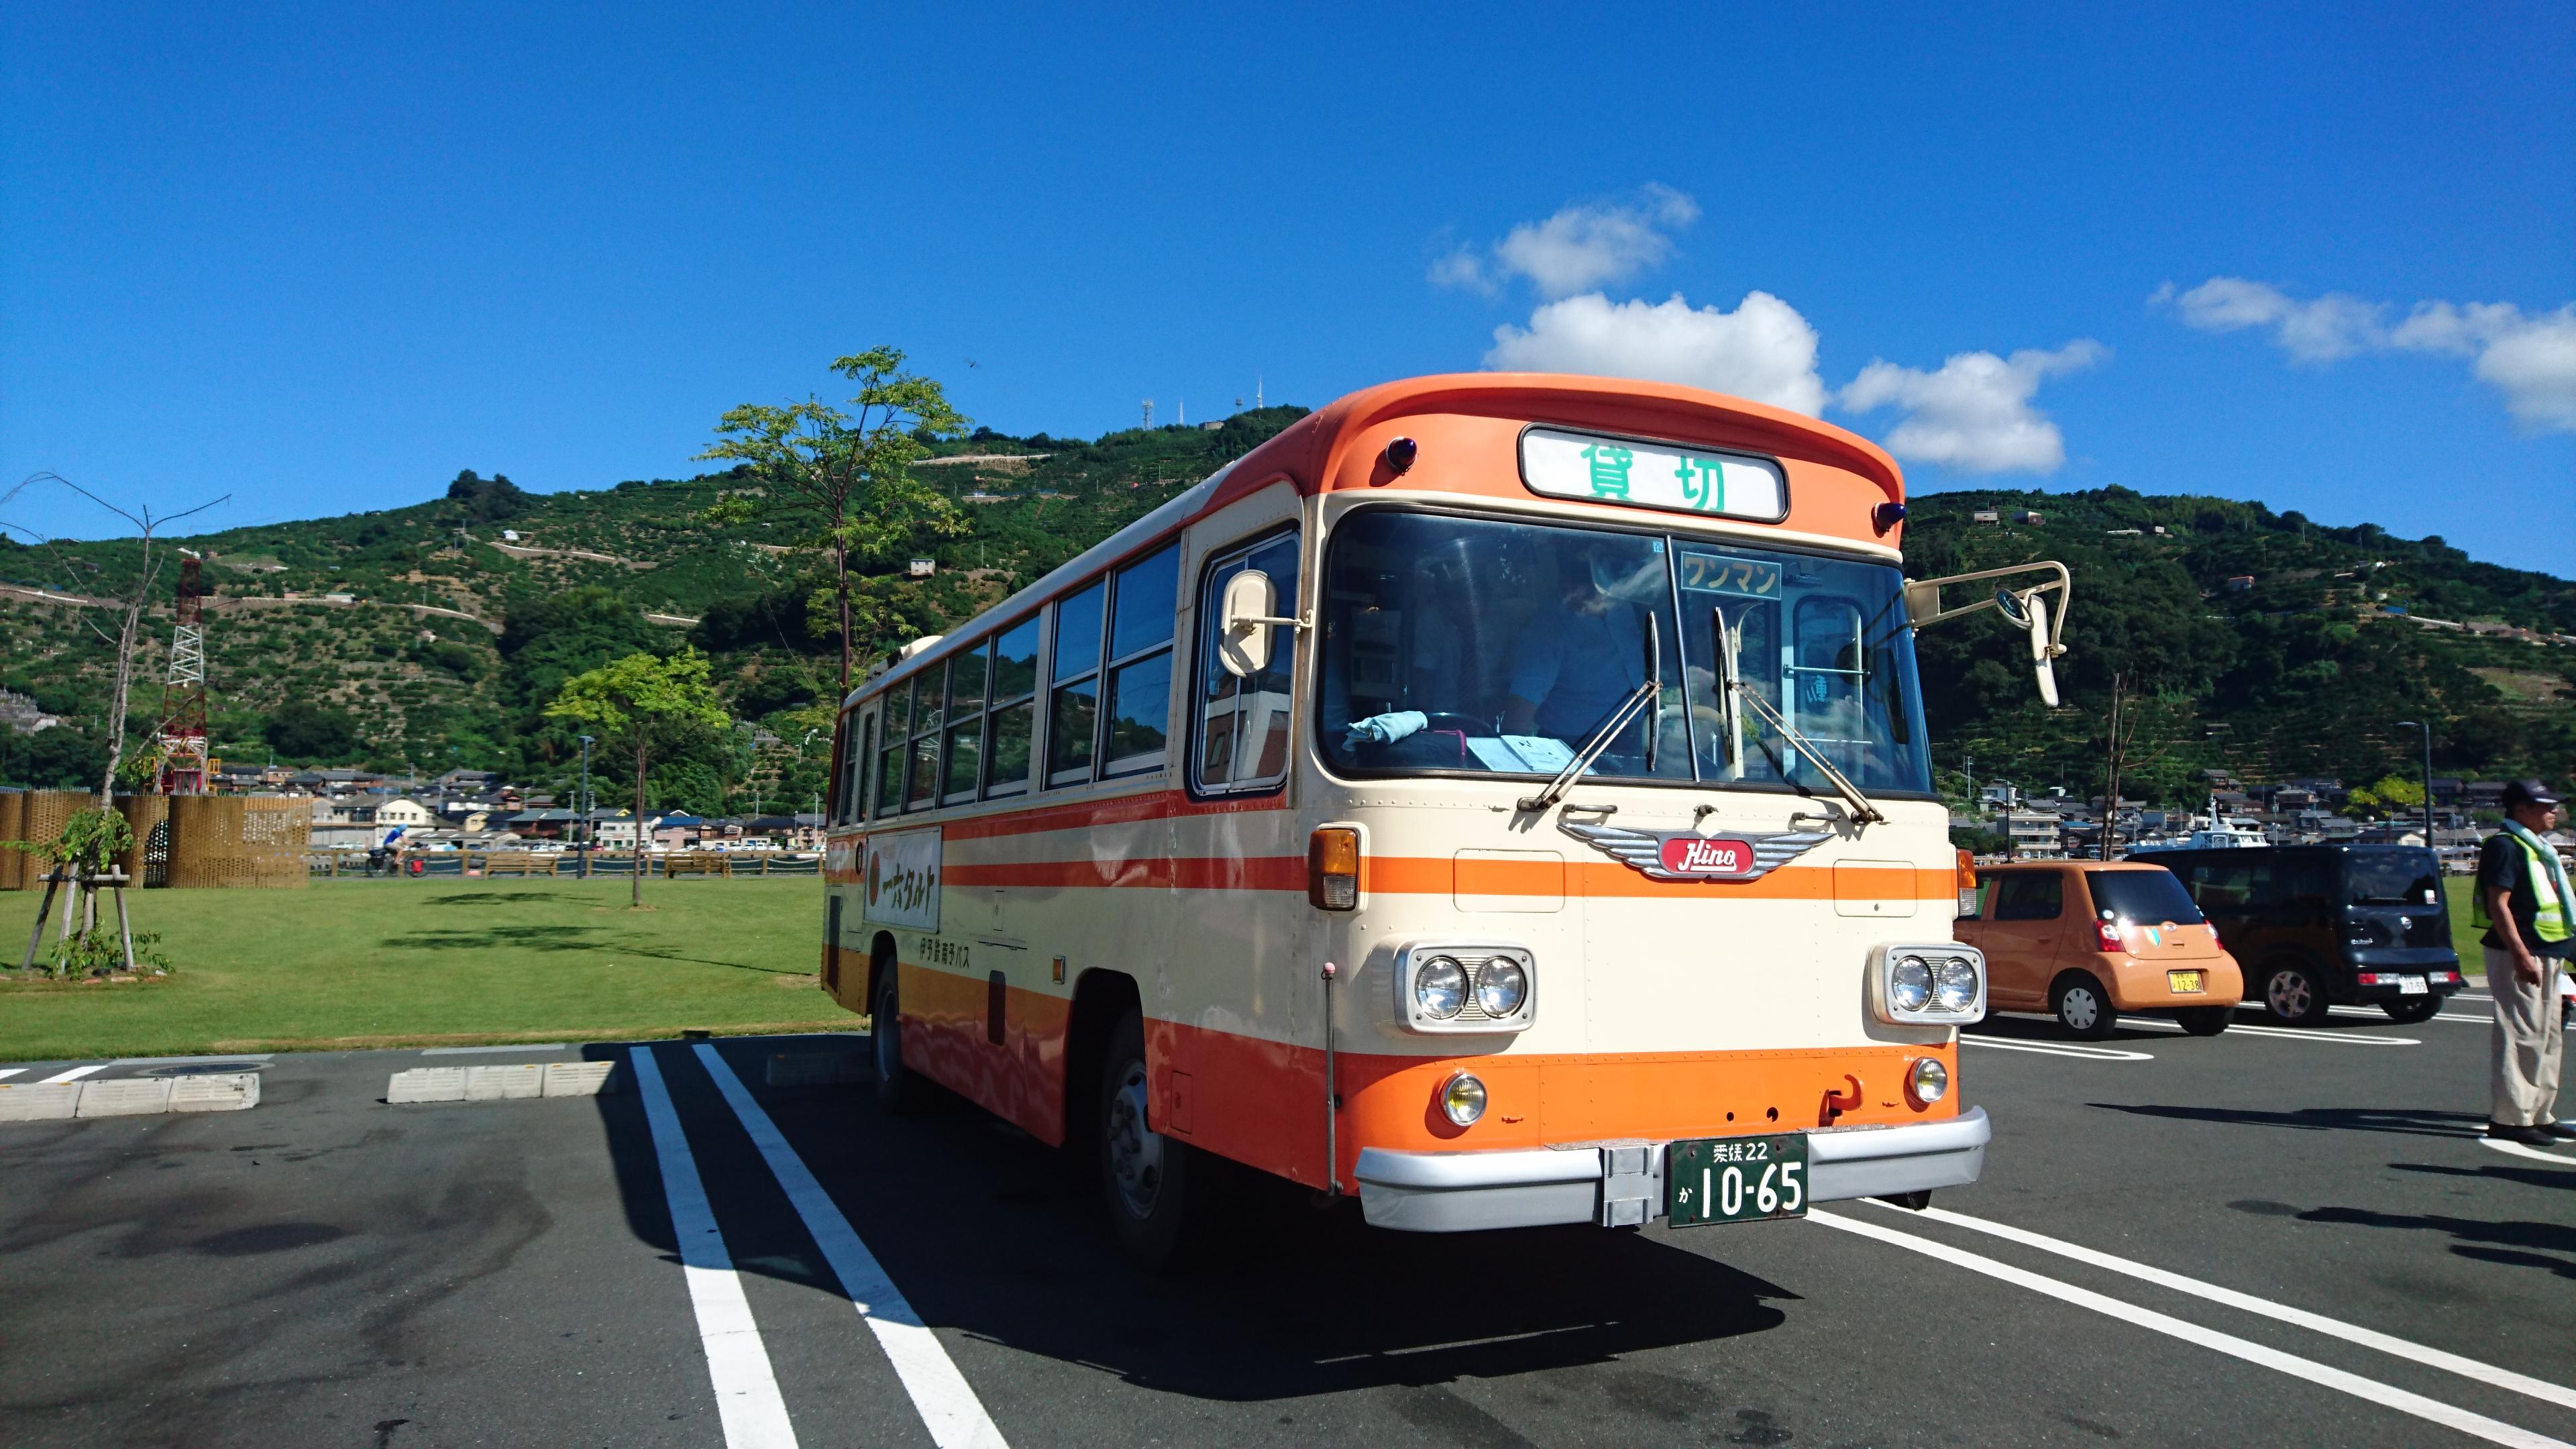 レトロバスで行ける!国の重要文化財「八幡浜市立日土小学校」の見学会に参加してきました!